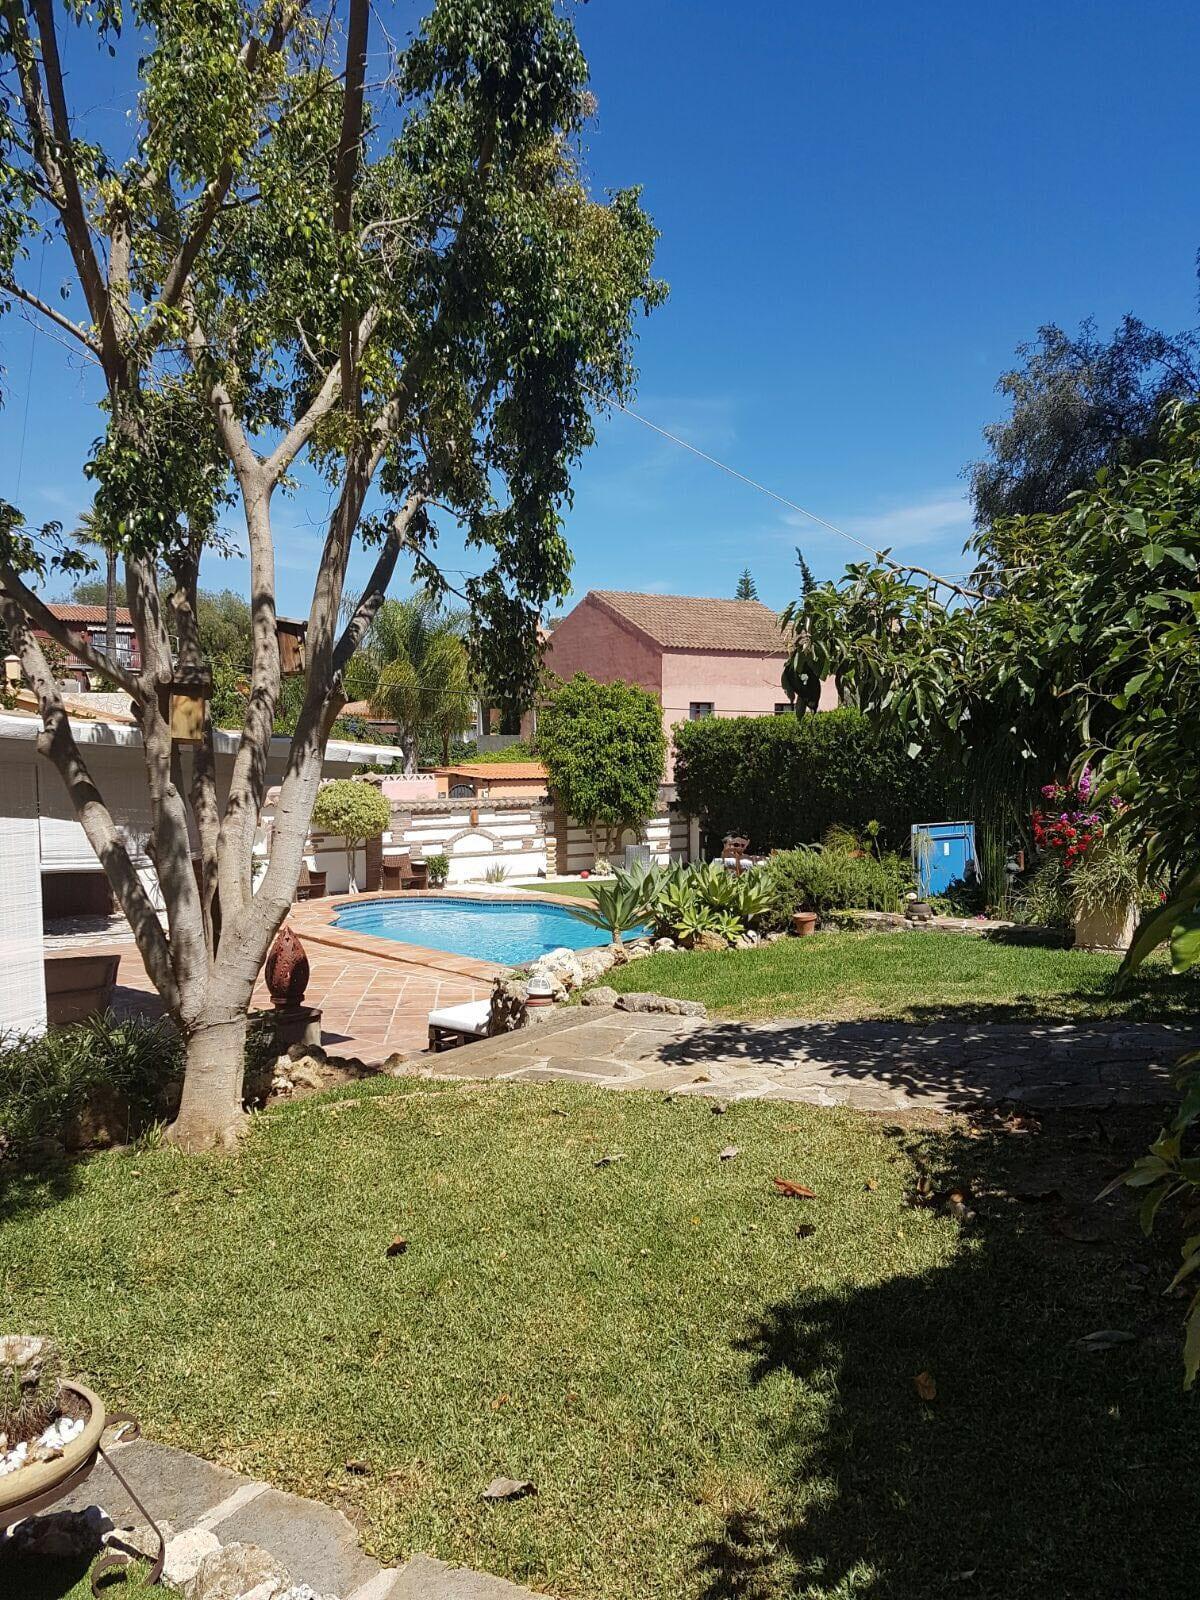 Nueva andalucia villa avec piscine priv e vendre - Villa espagne avec piscine privee ...